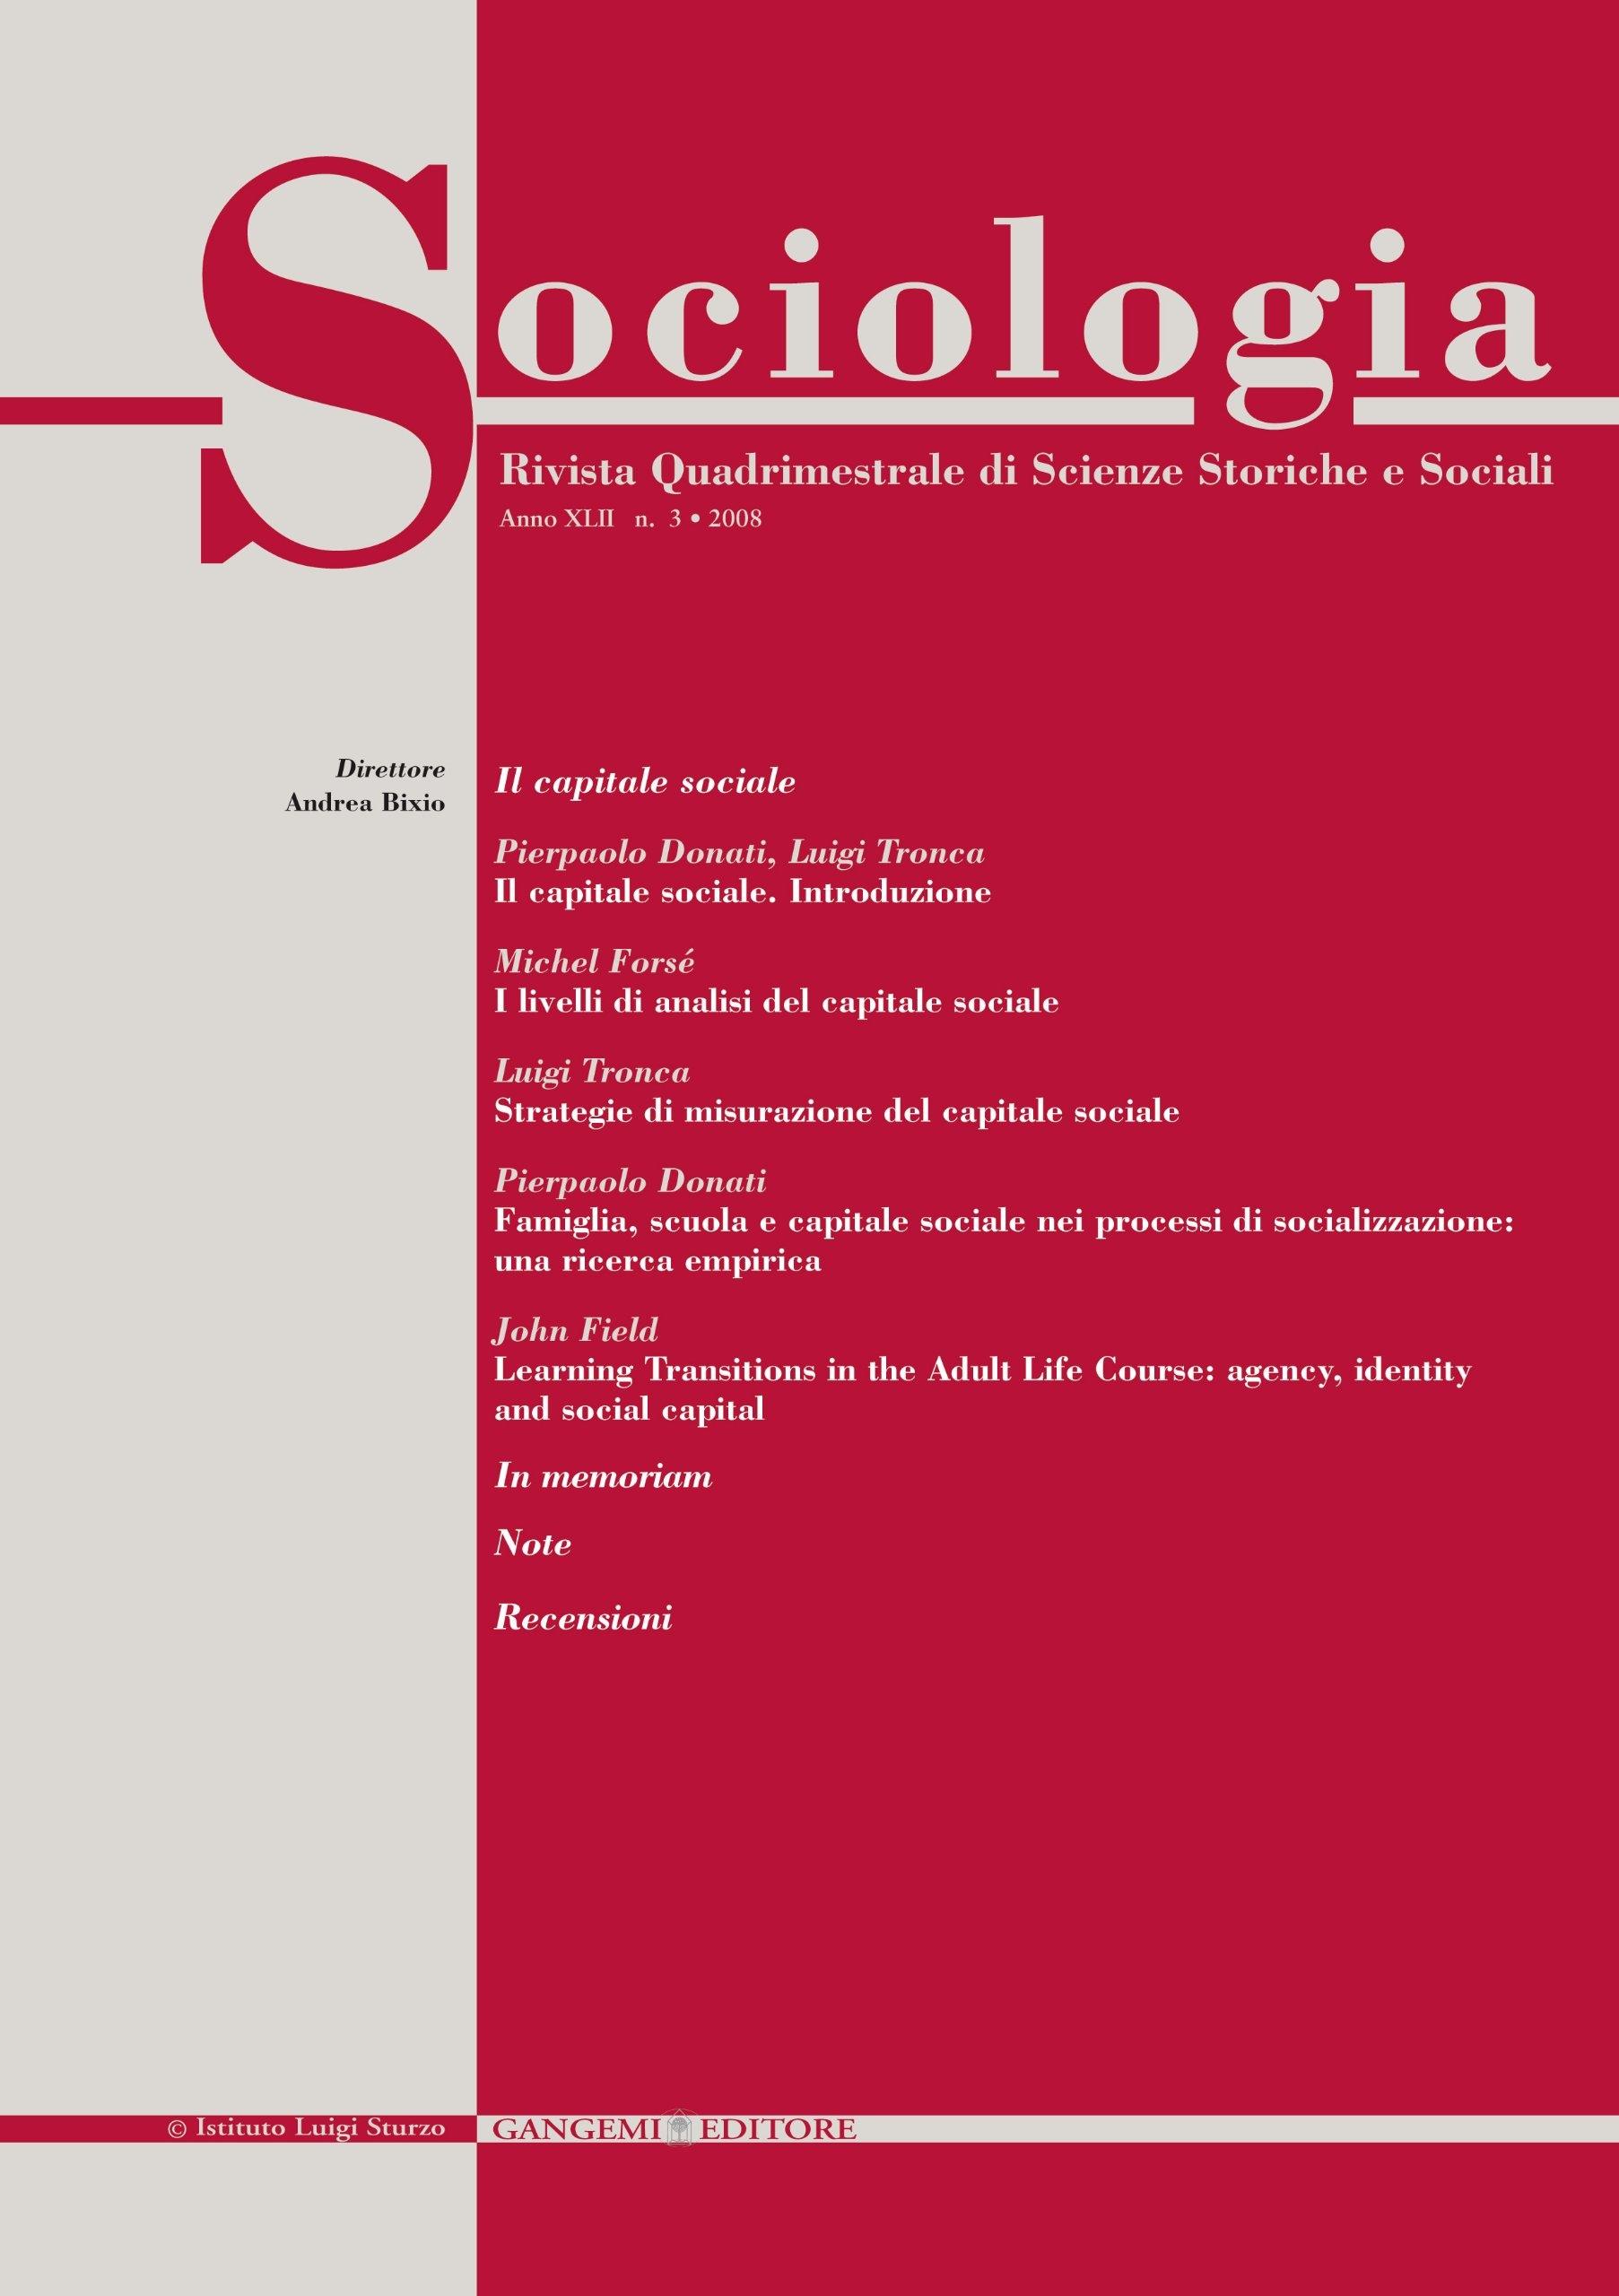 Sociologia n. 3/2008.